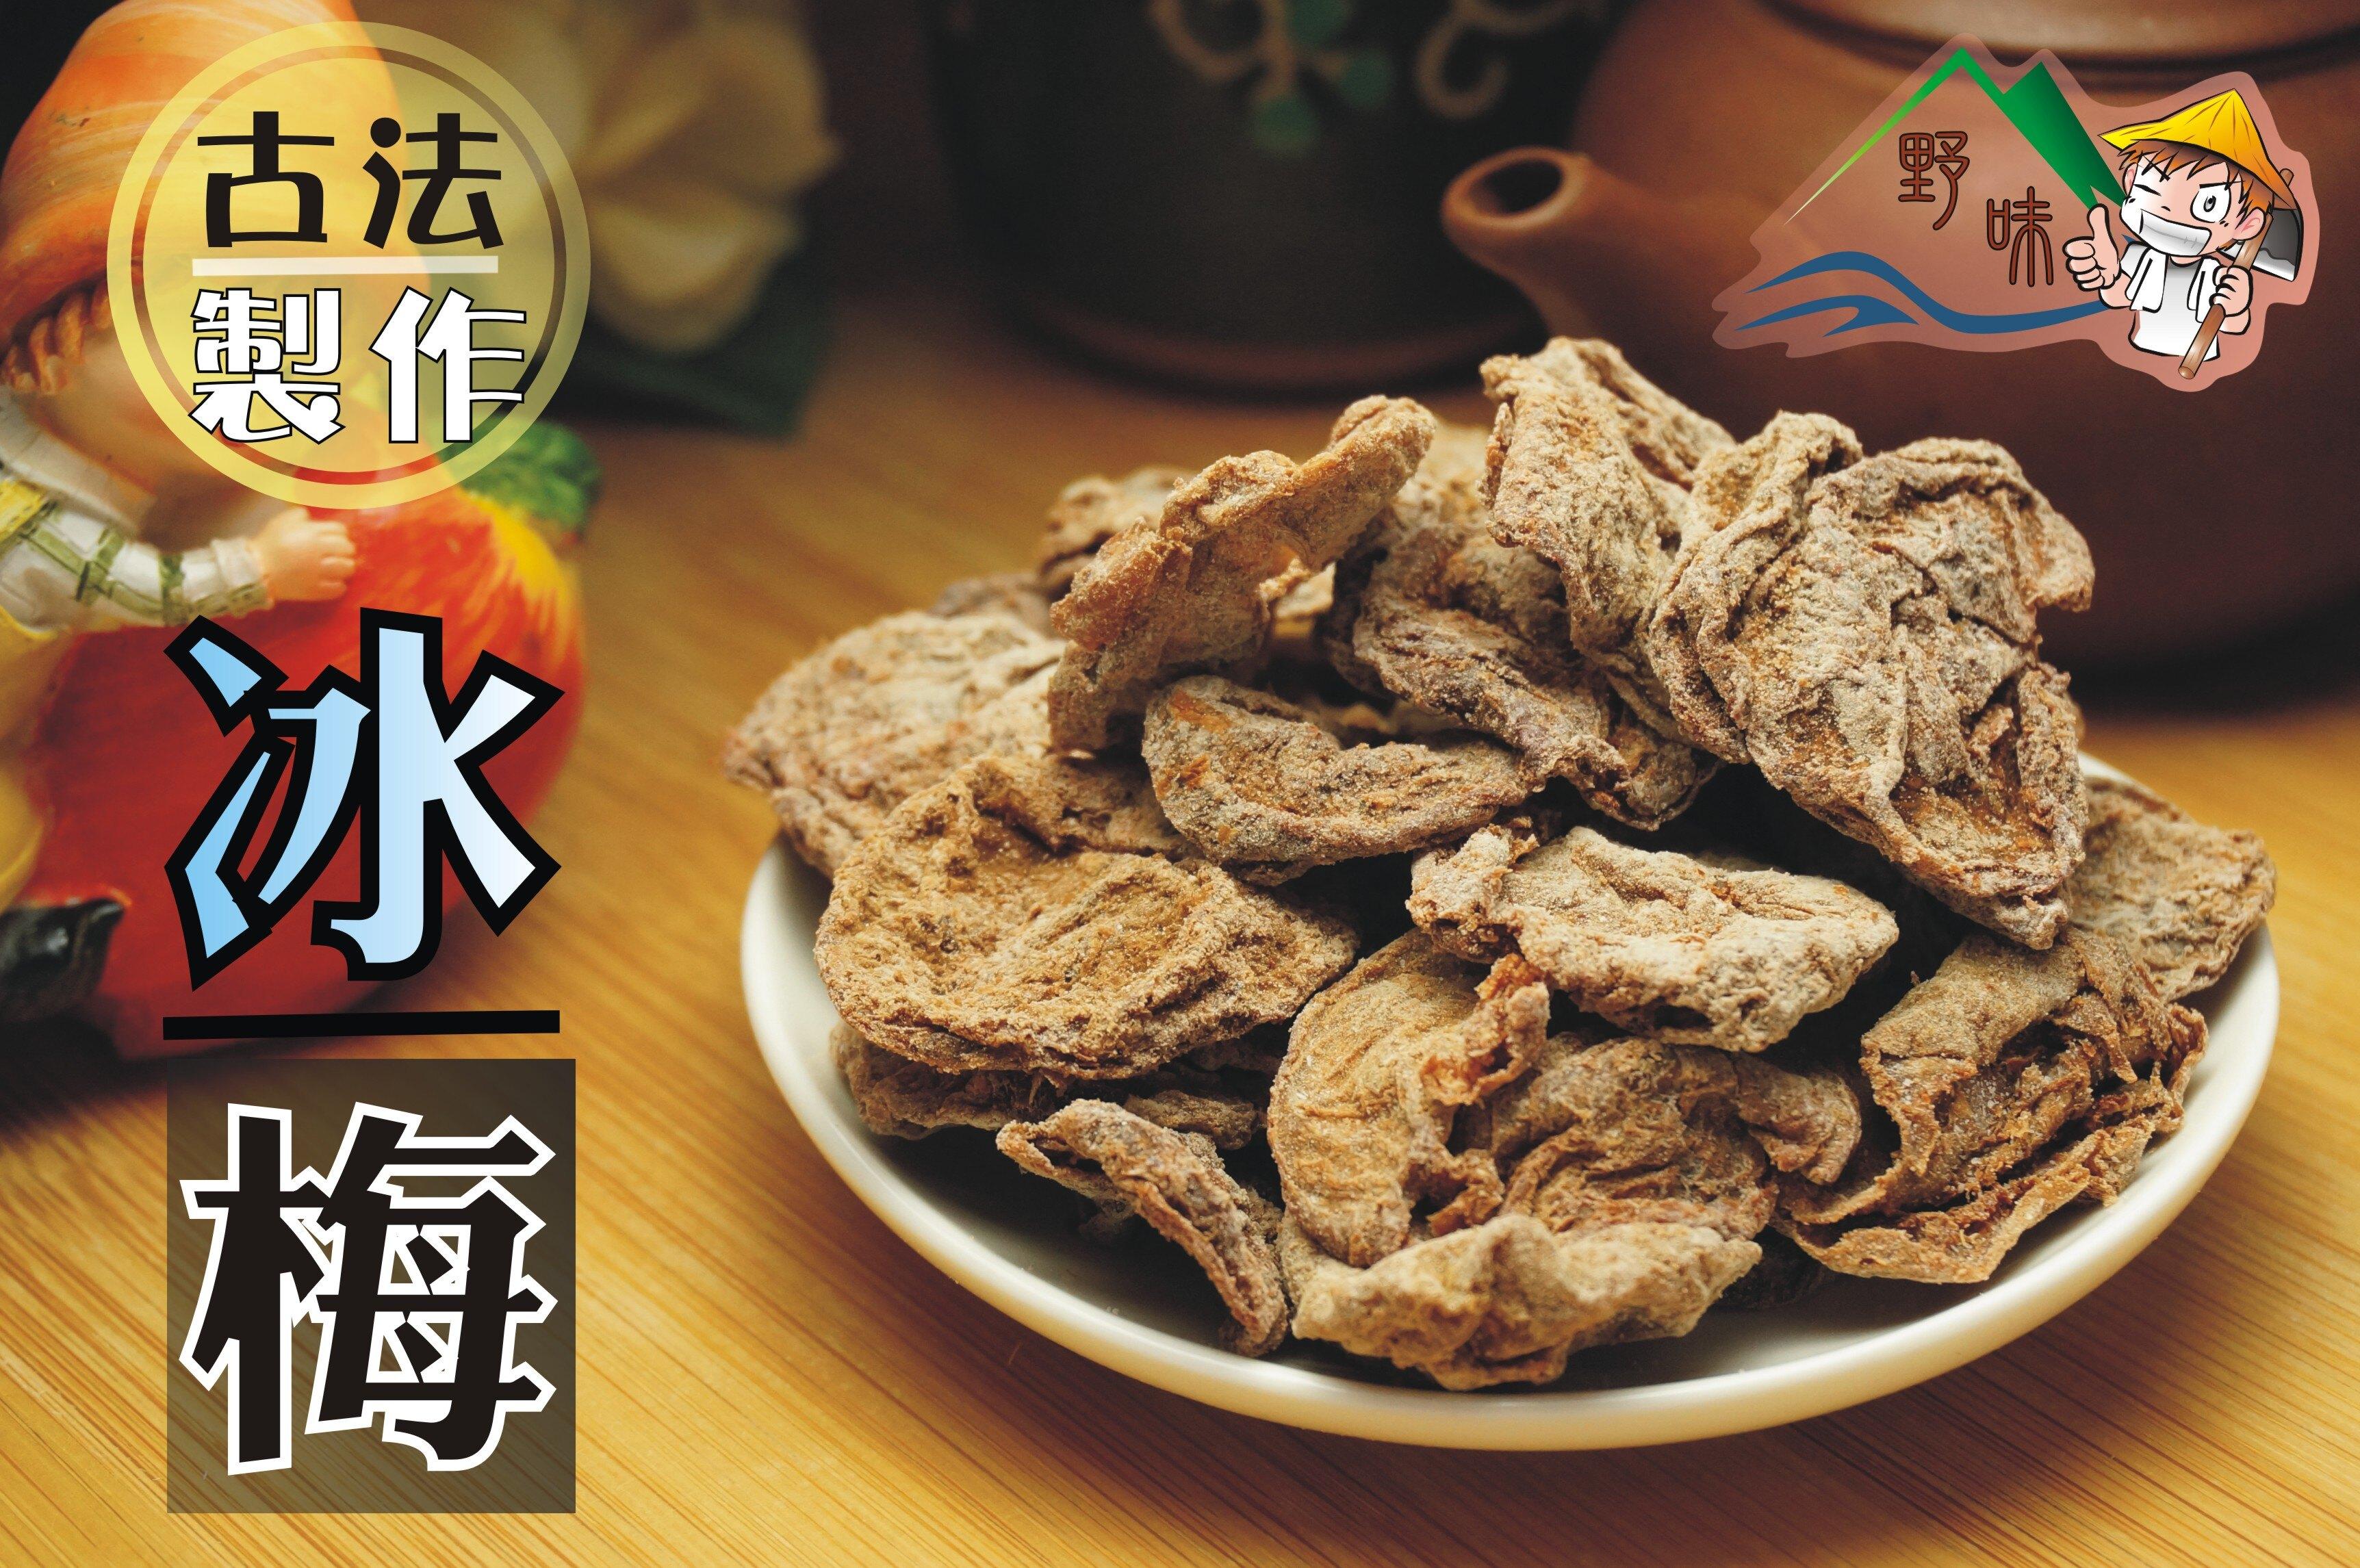 【野味食品】冰梅(無籽冰梅,薄荷梅肉)125g/包,300g/包(桃園實體店面出貨)古早味蜜餞 果乾